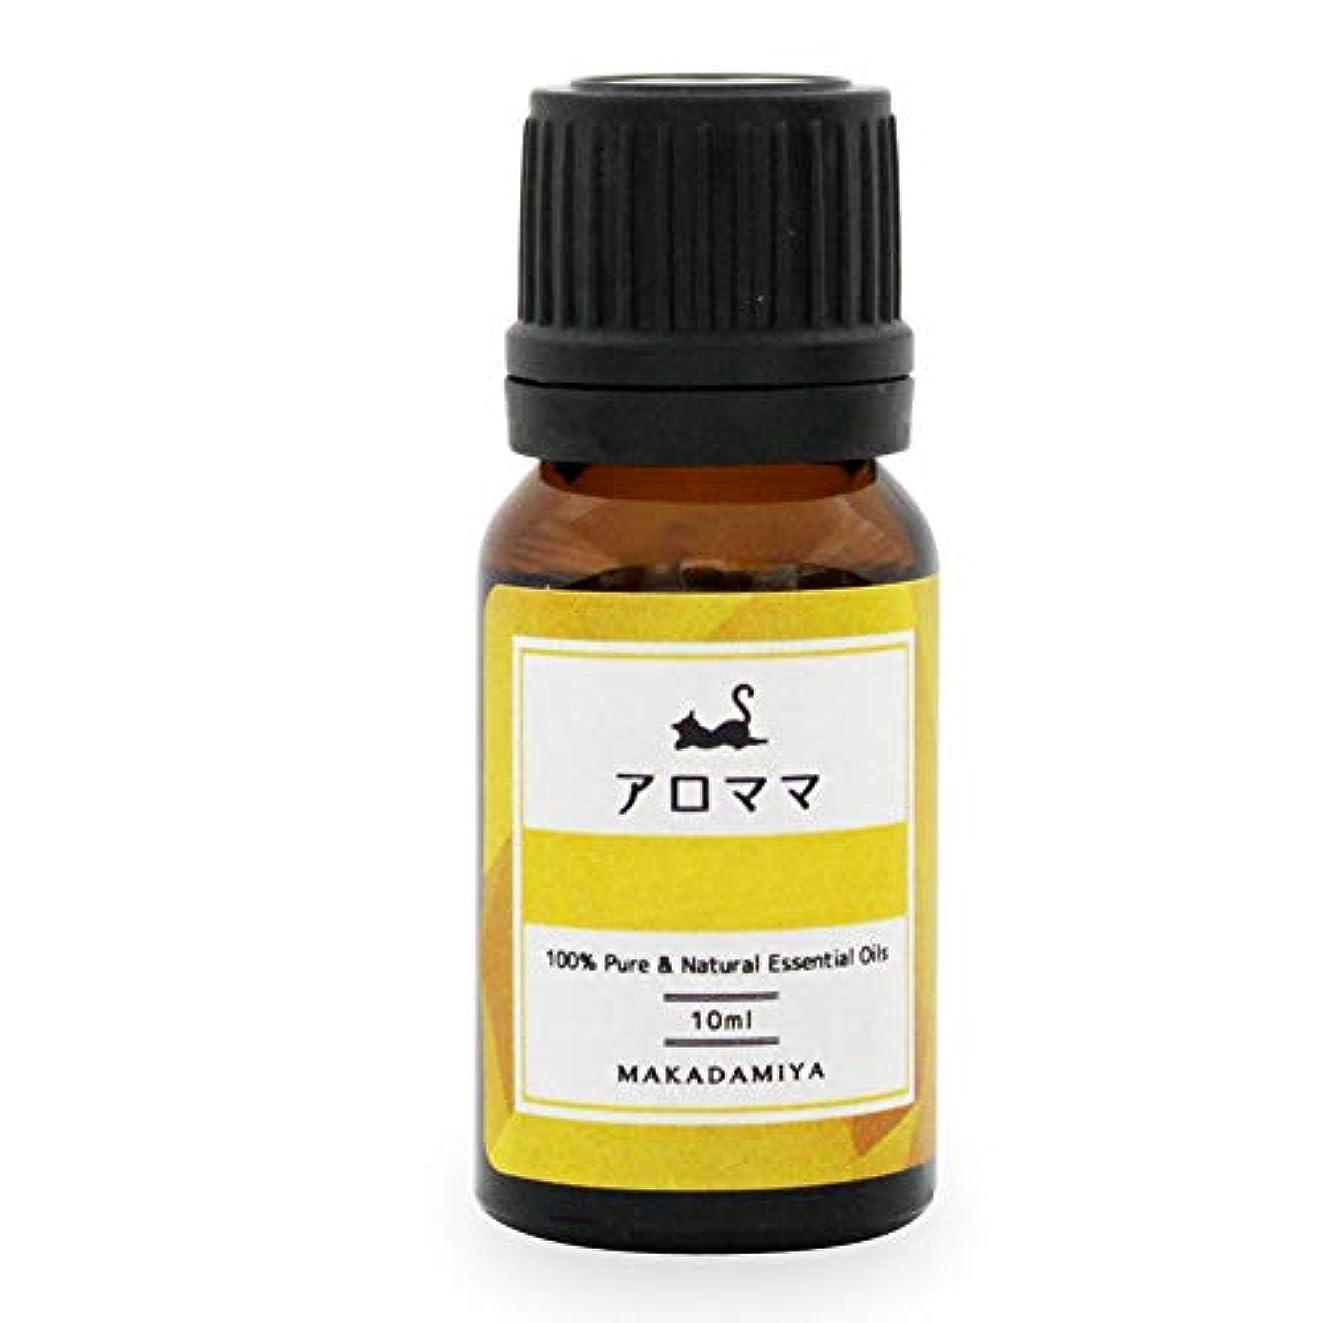 呪われたオンス議論する妊活用アロマ10ml 妊活中の女性の為に特別な香りで癒す。 アロママ